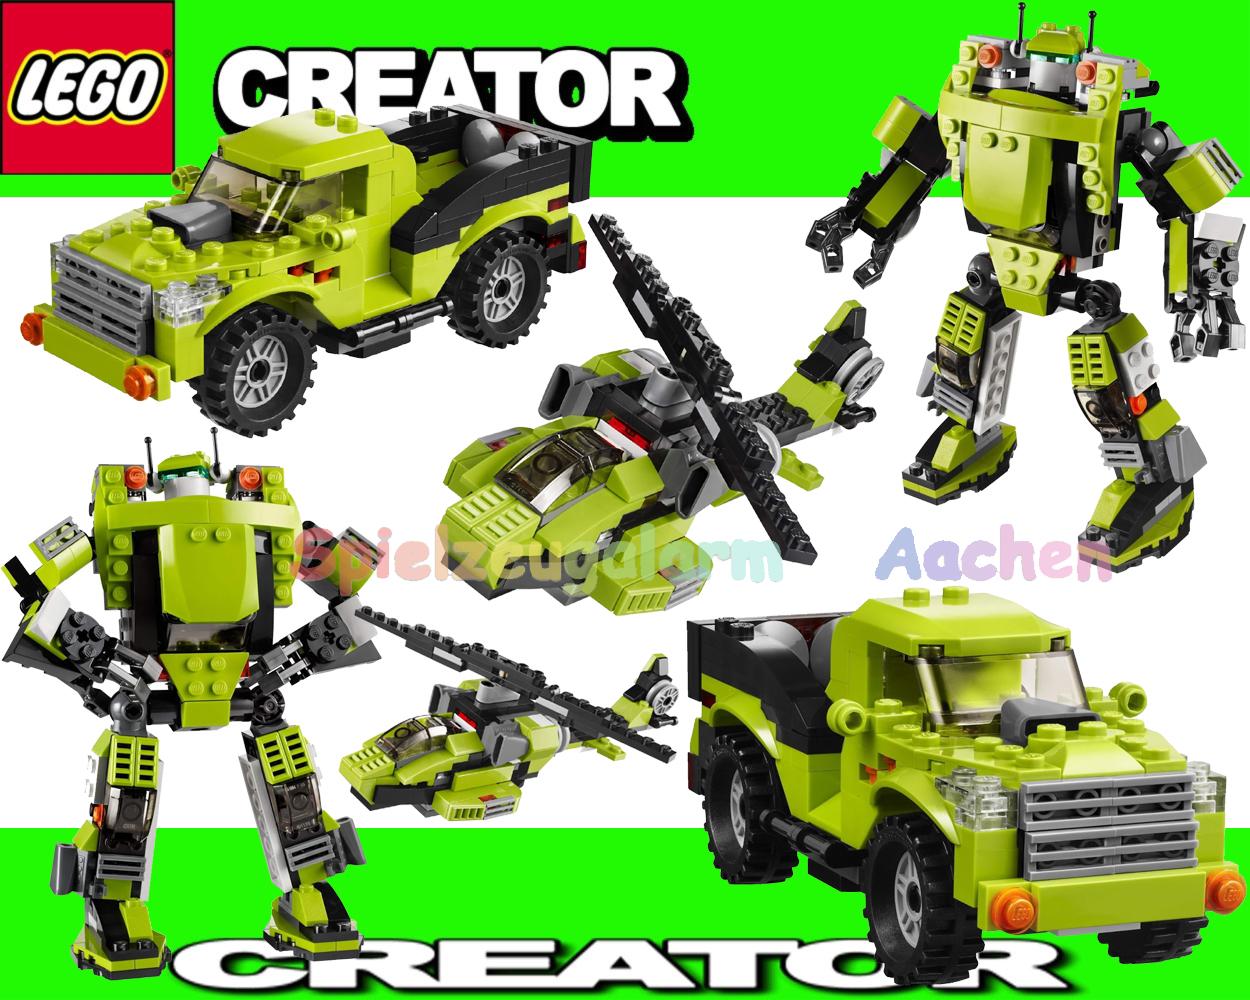 lego creator 31007 3 in 1 modelle power roboter helikopter. Black Bedroom Furniture Sets. Home Design Ideas